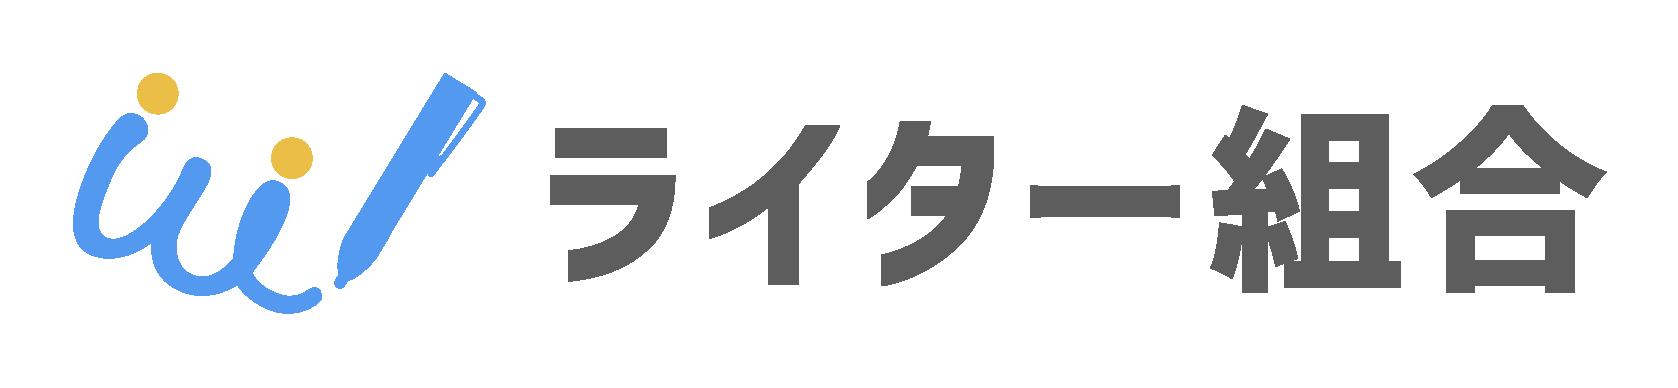 株式会社ライター組合